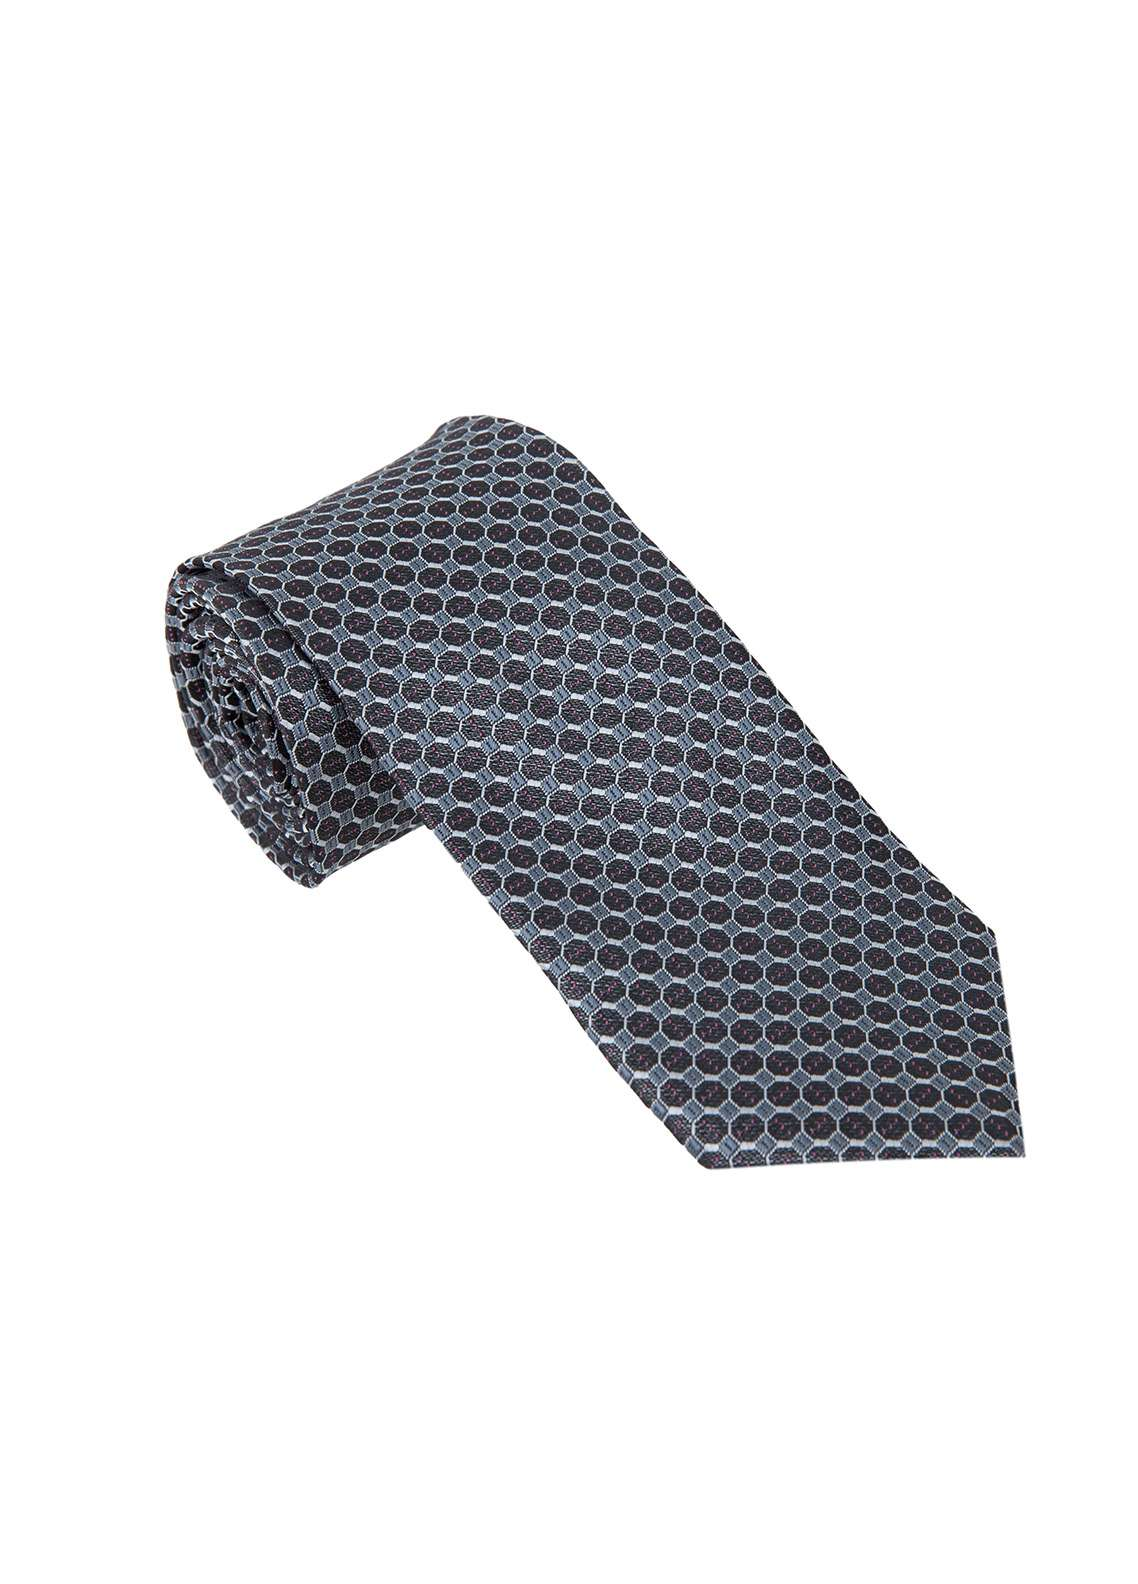 The Gentlemen's Club Grey Polka Dotted Silk Men's Ties